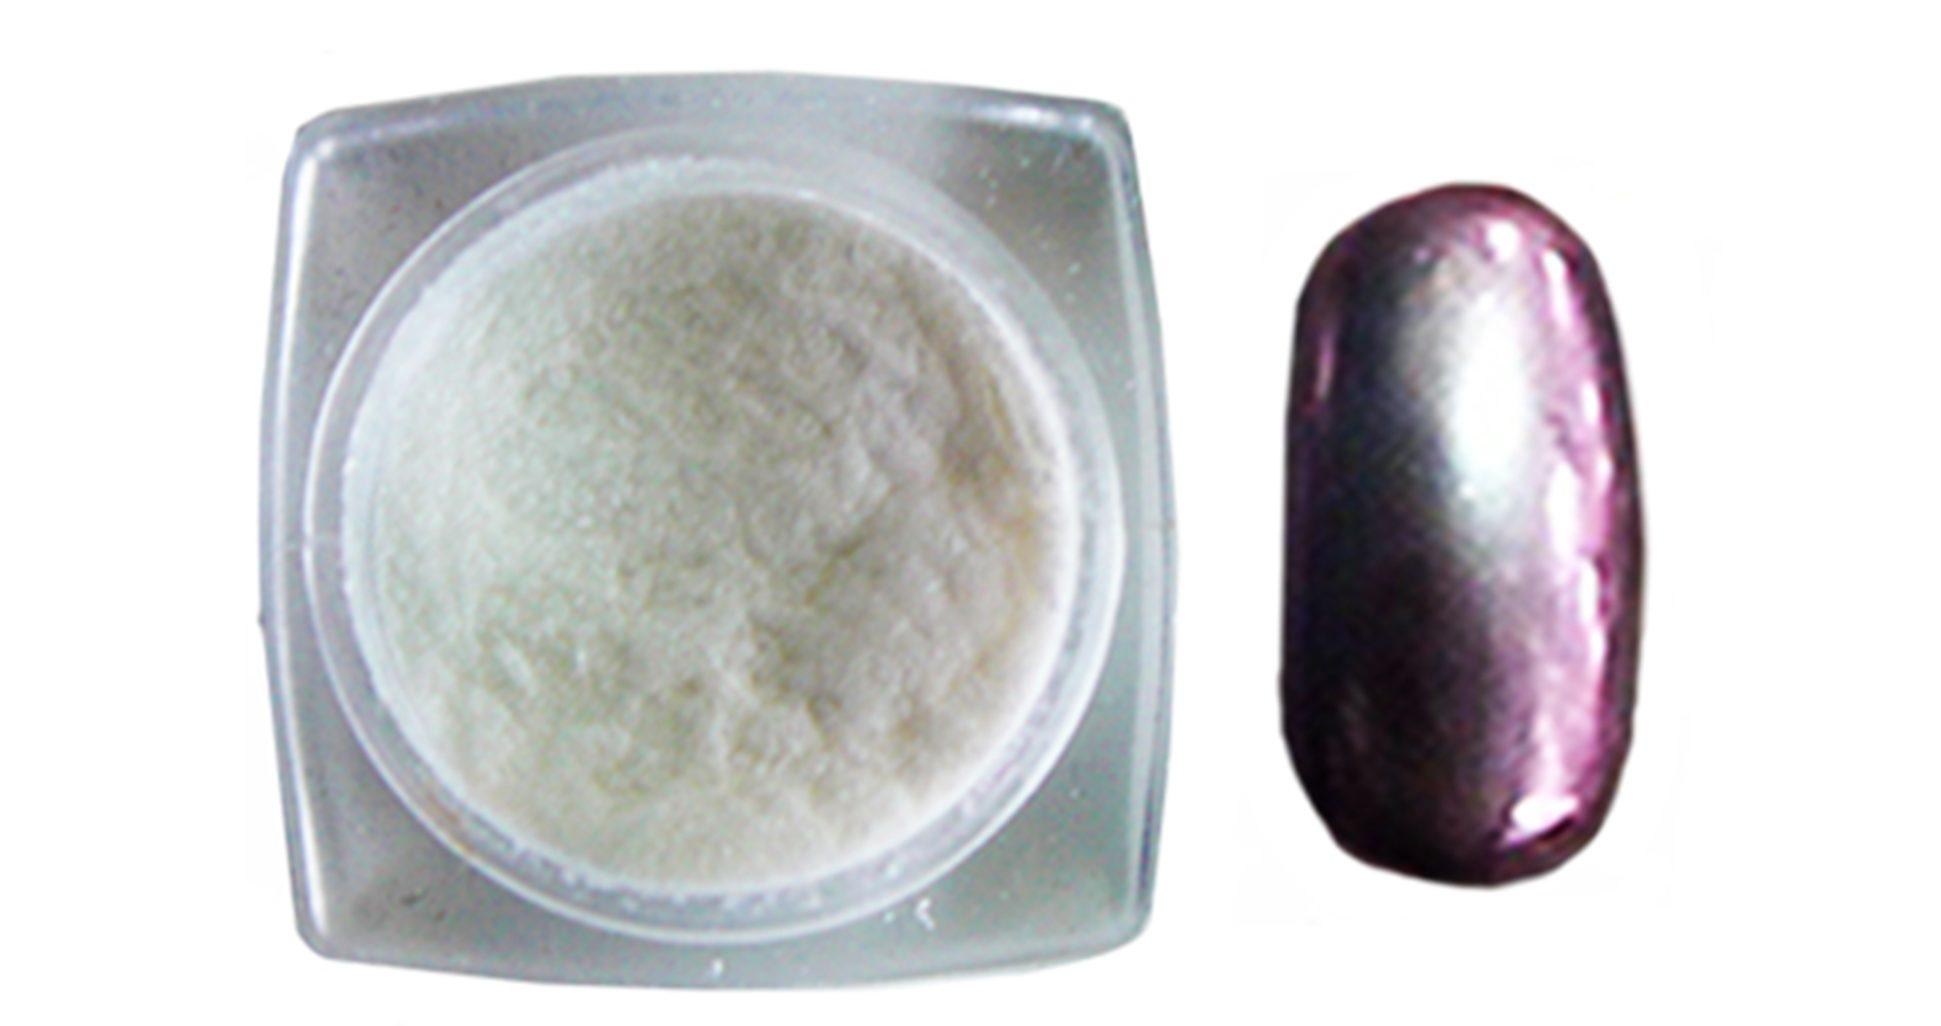 Mi ny chromatic mirror powder nuove polveri cromate per - Unghie argento specchio ...